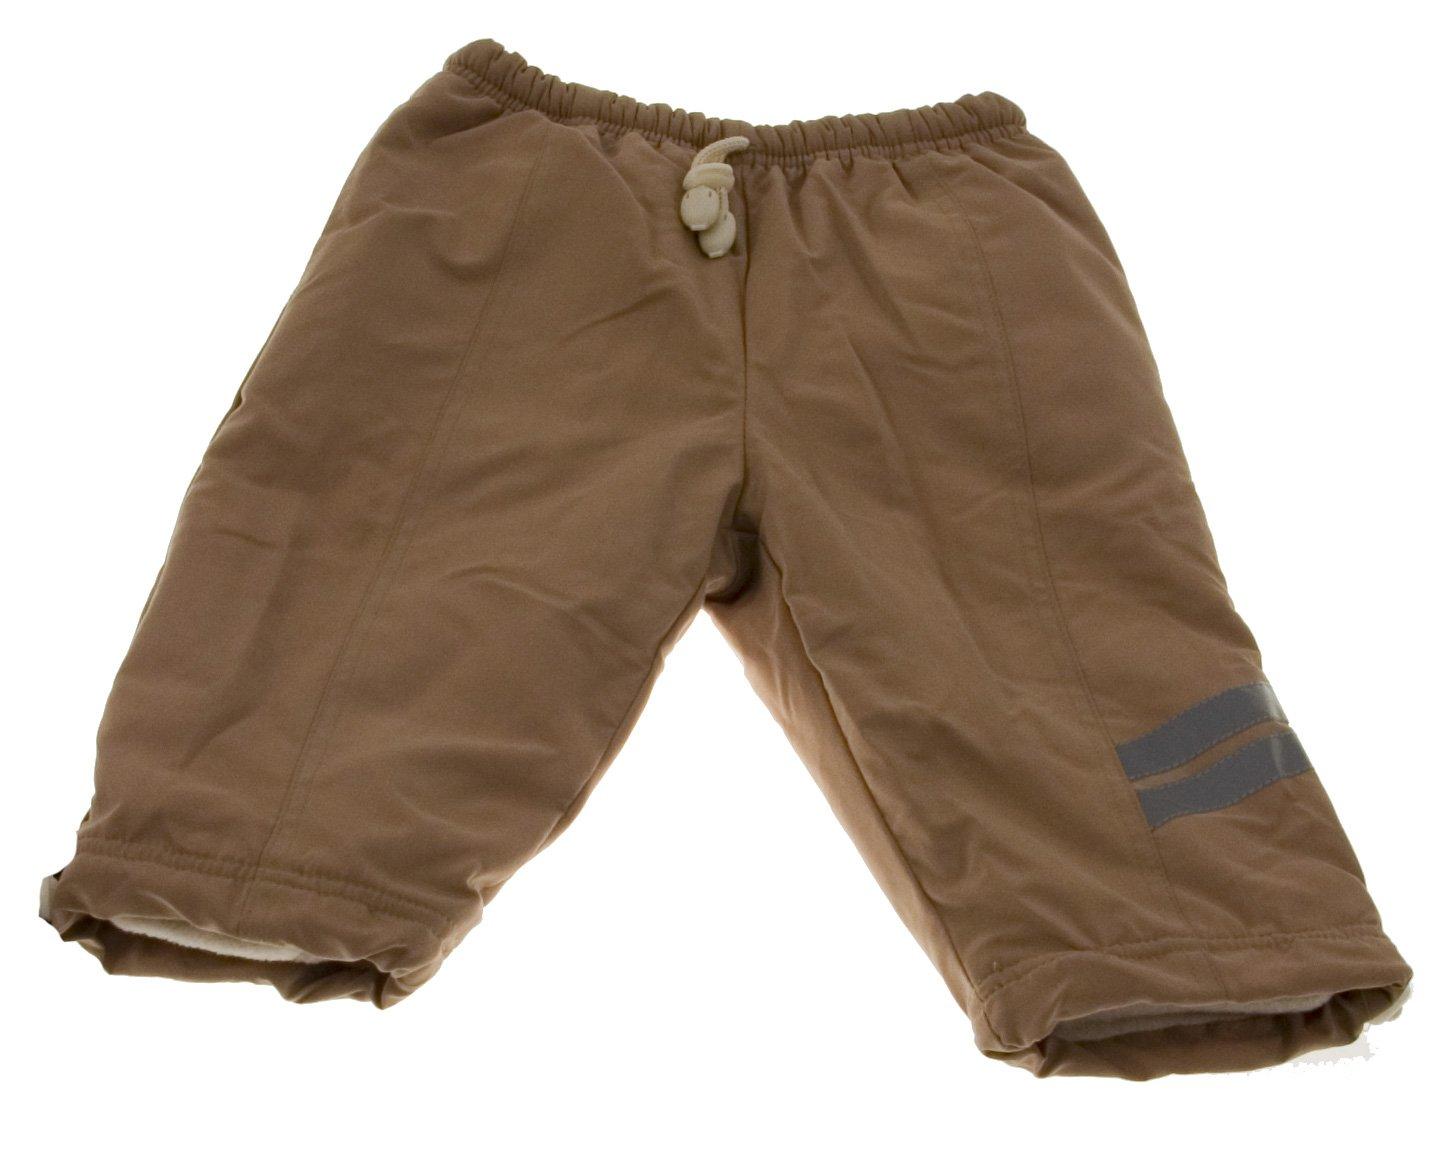 Oteplené kalhoty Mojmír s reflexním proužkem -VÝPRODEJ